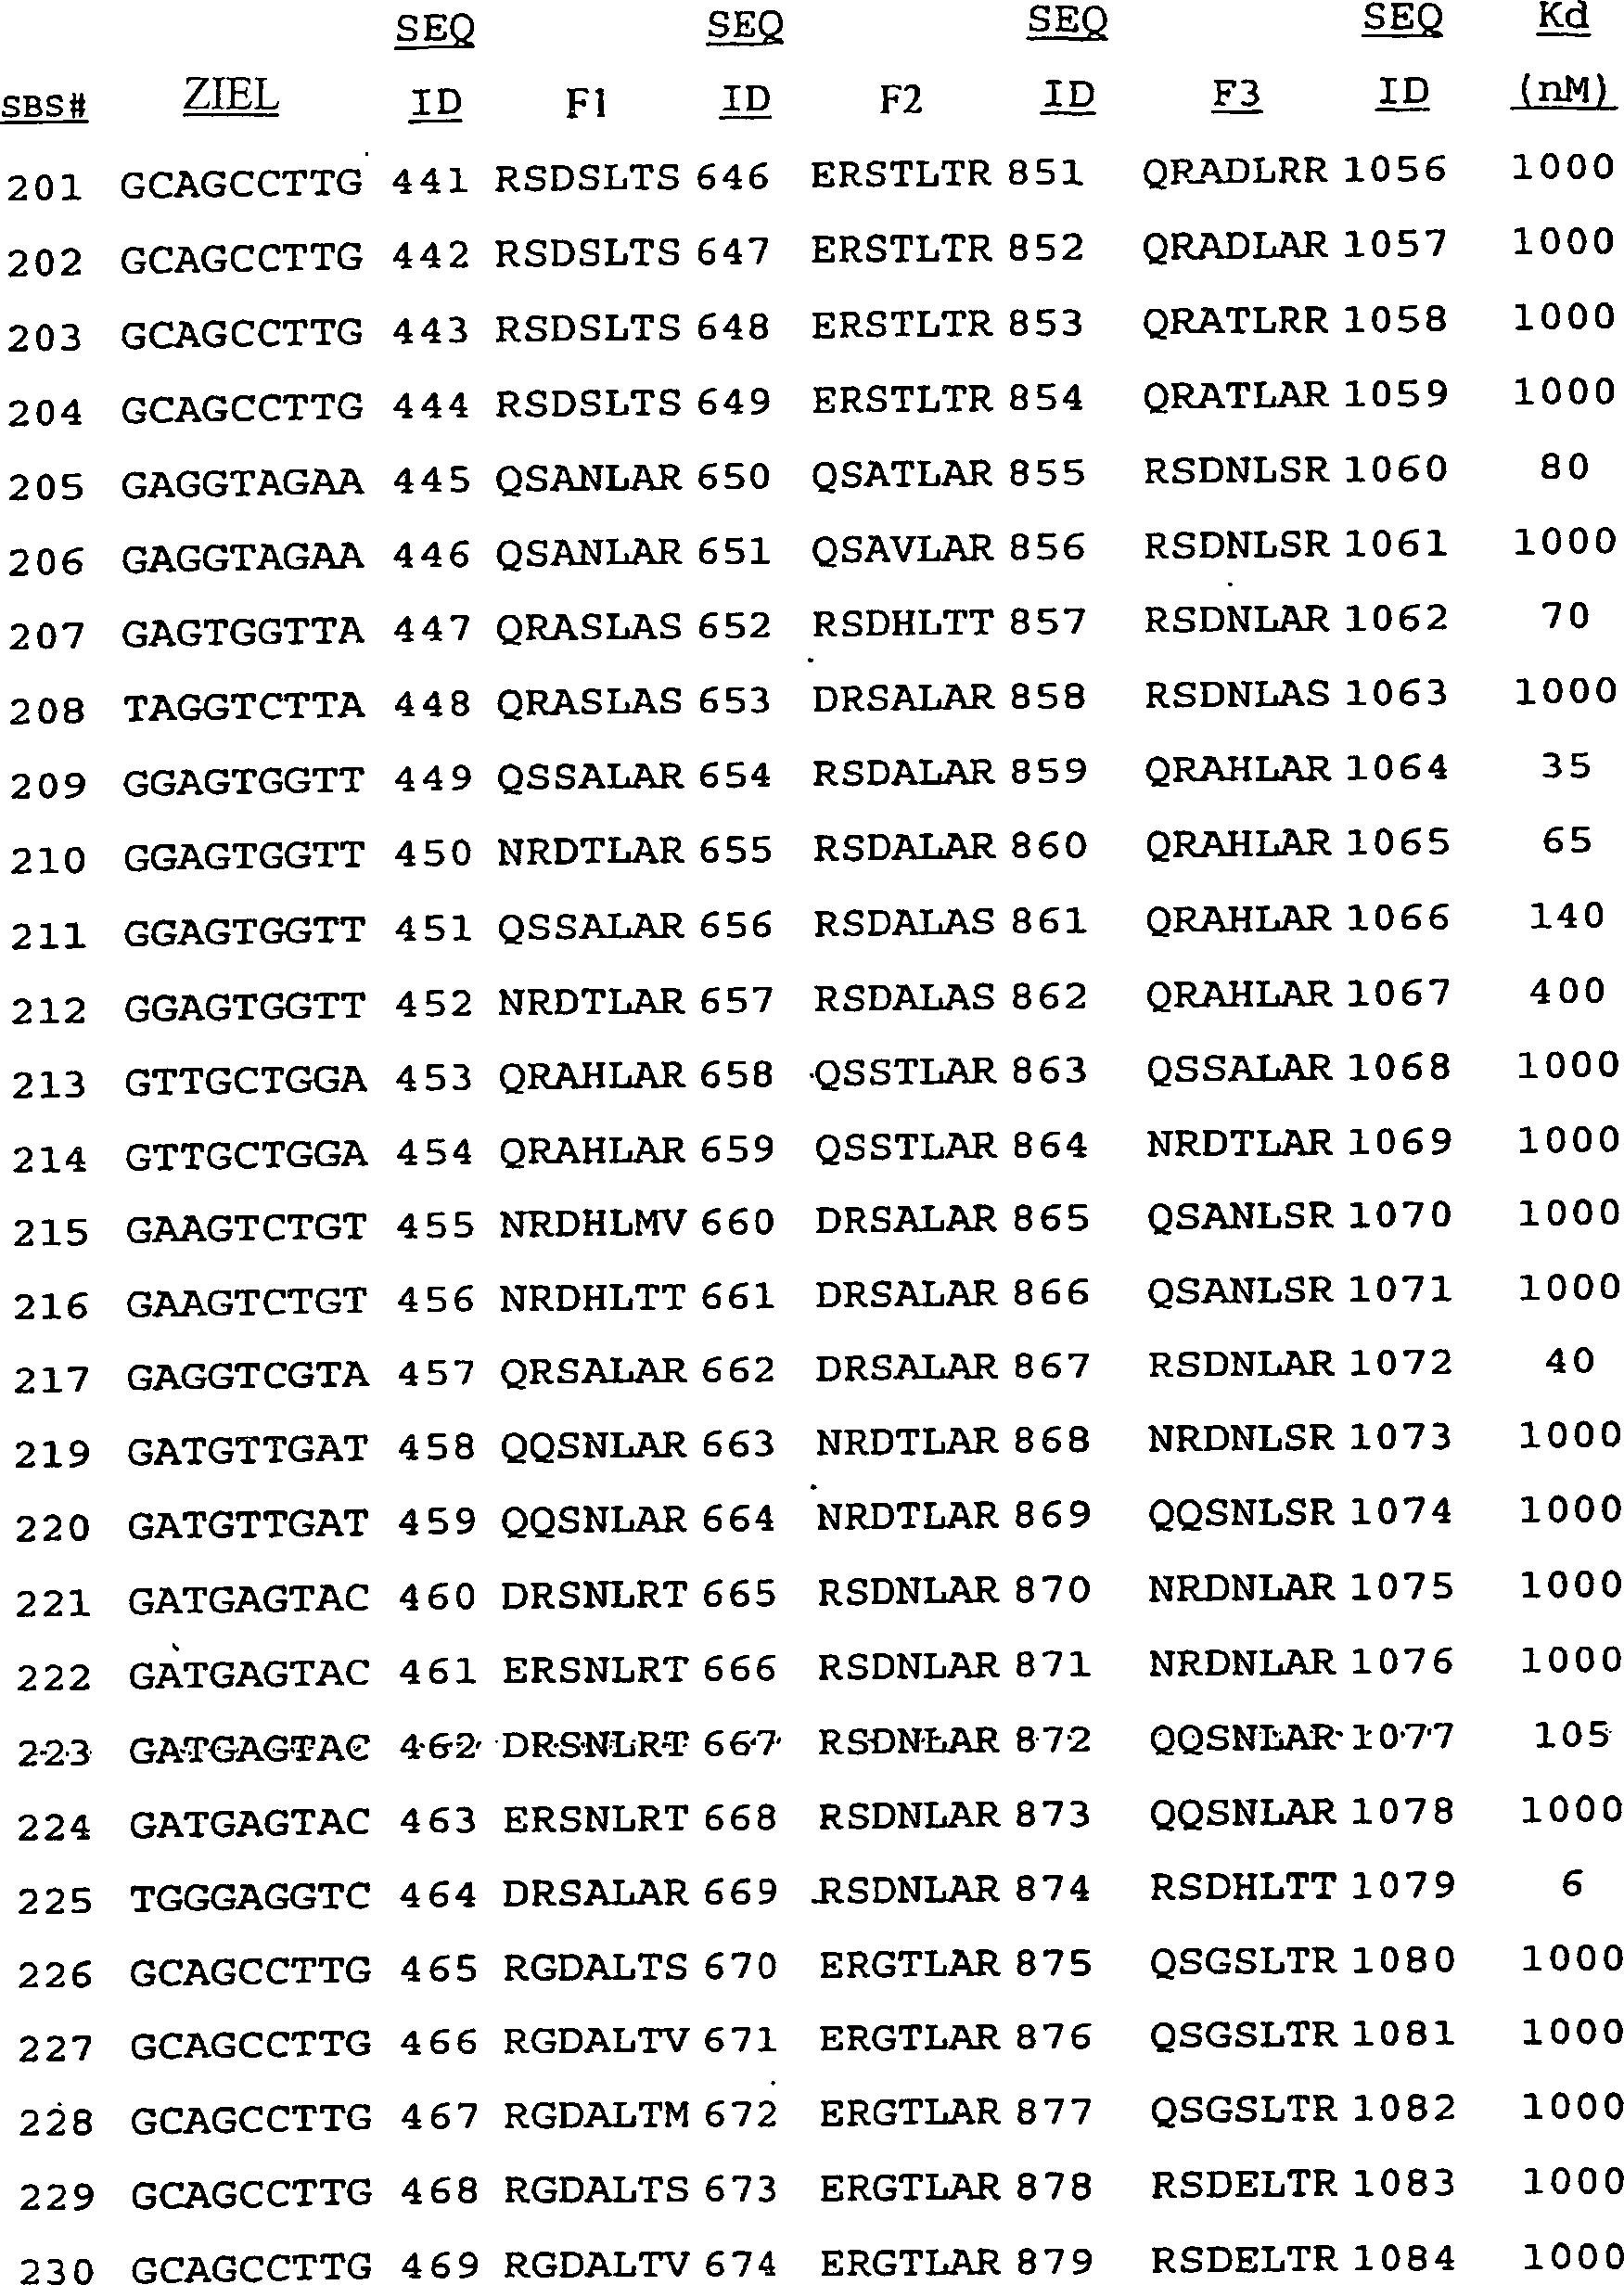 DE60123133T2 - Position-dependent recognition of gnn